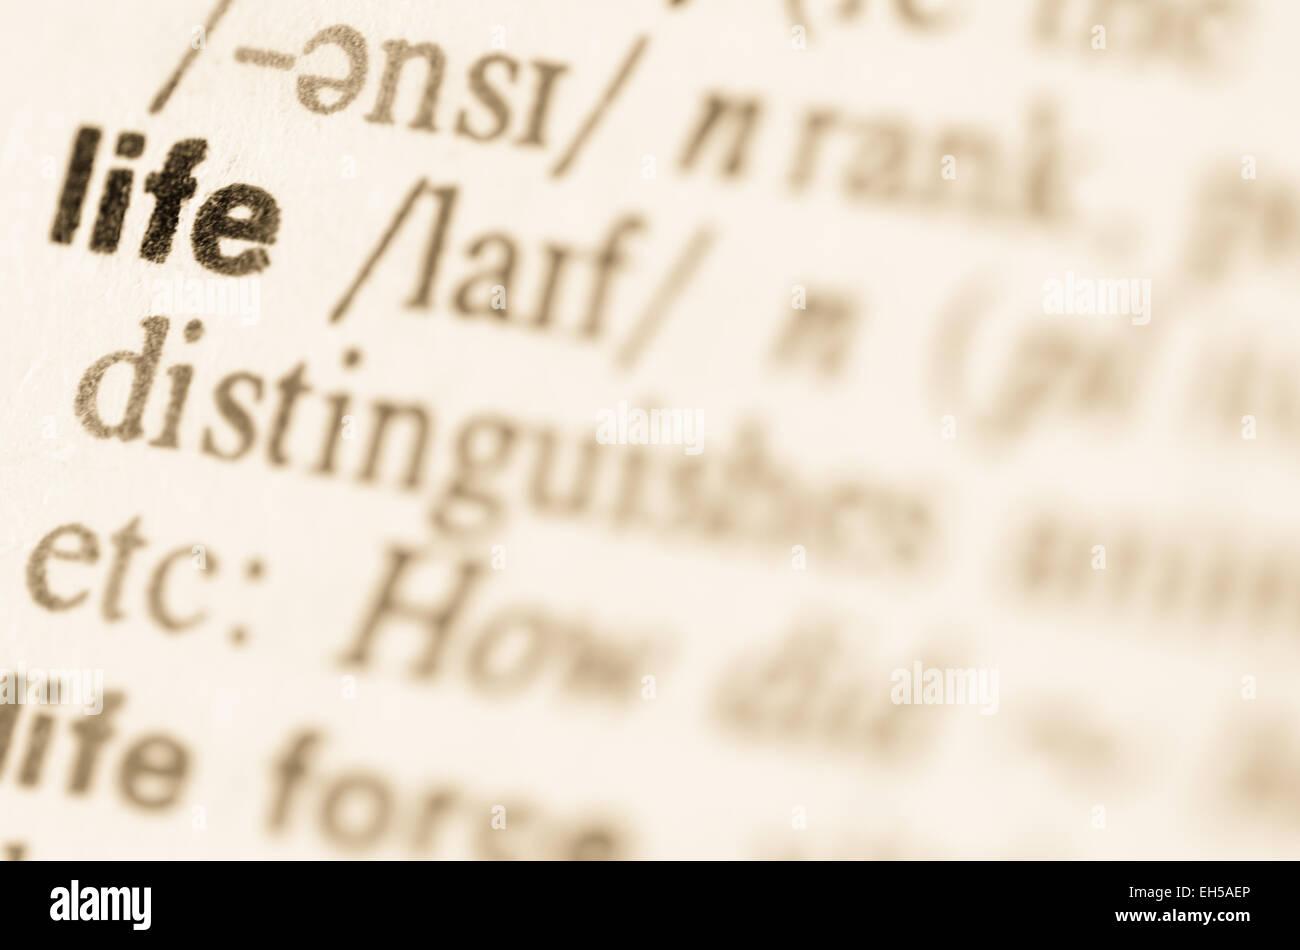 Définition du mot vie dans le dictionnaire Photo Stock